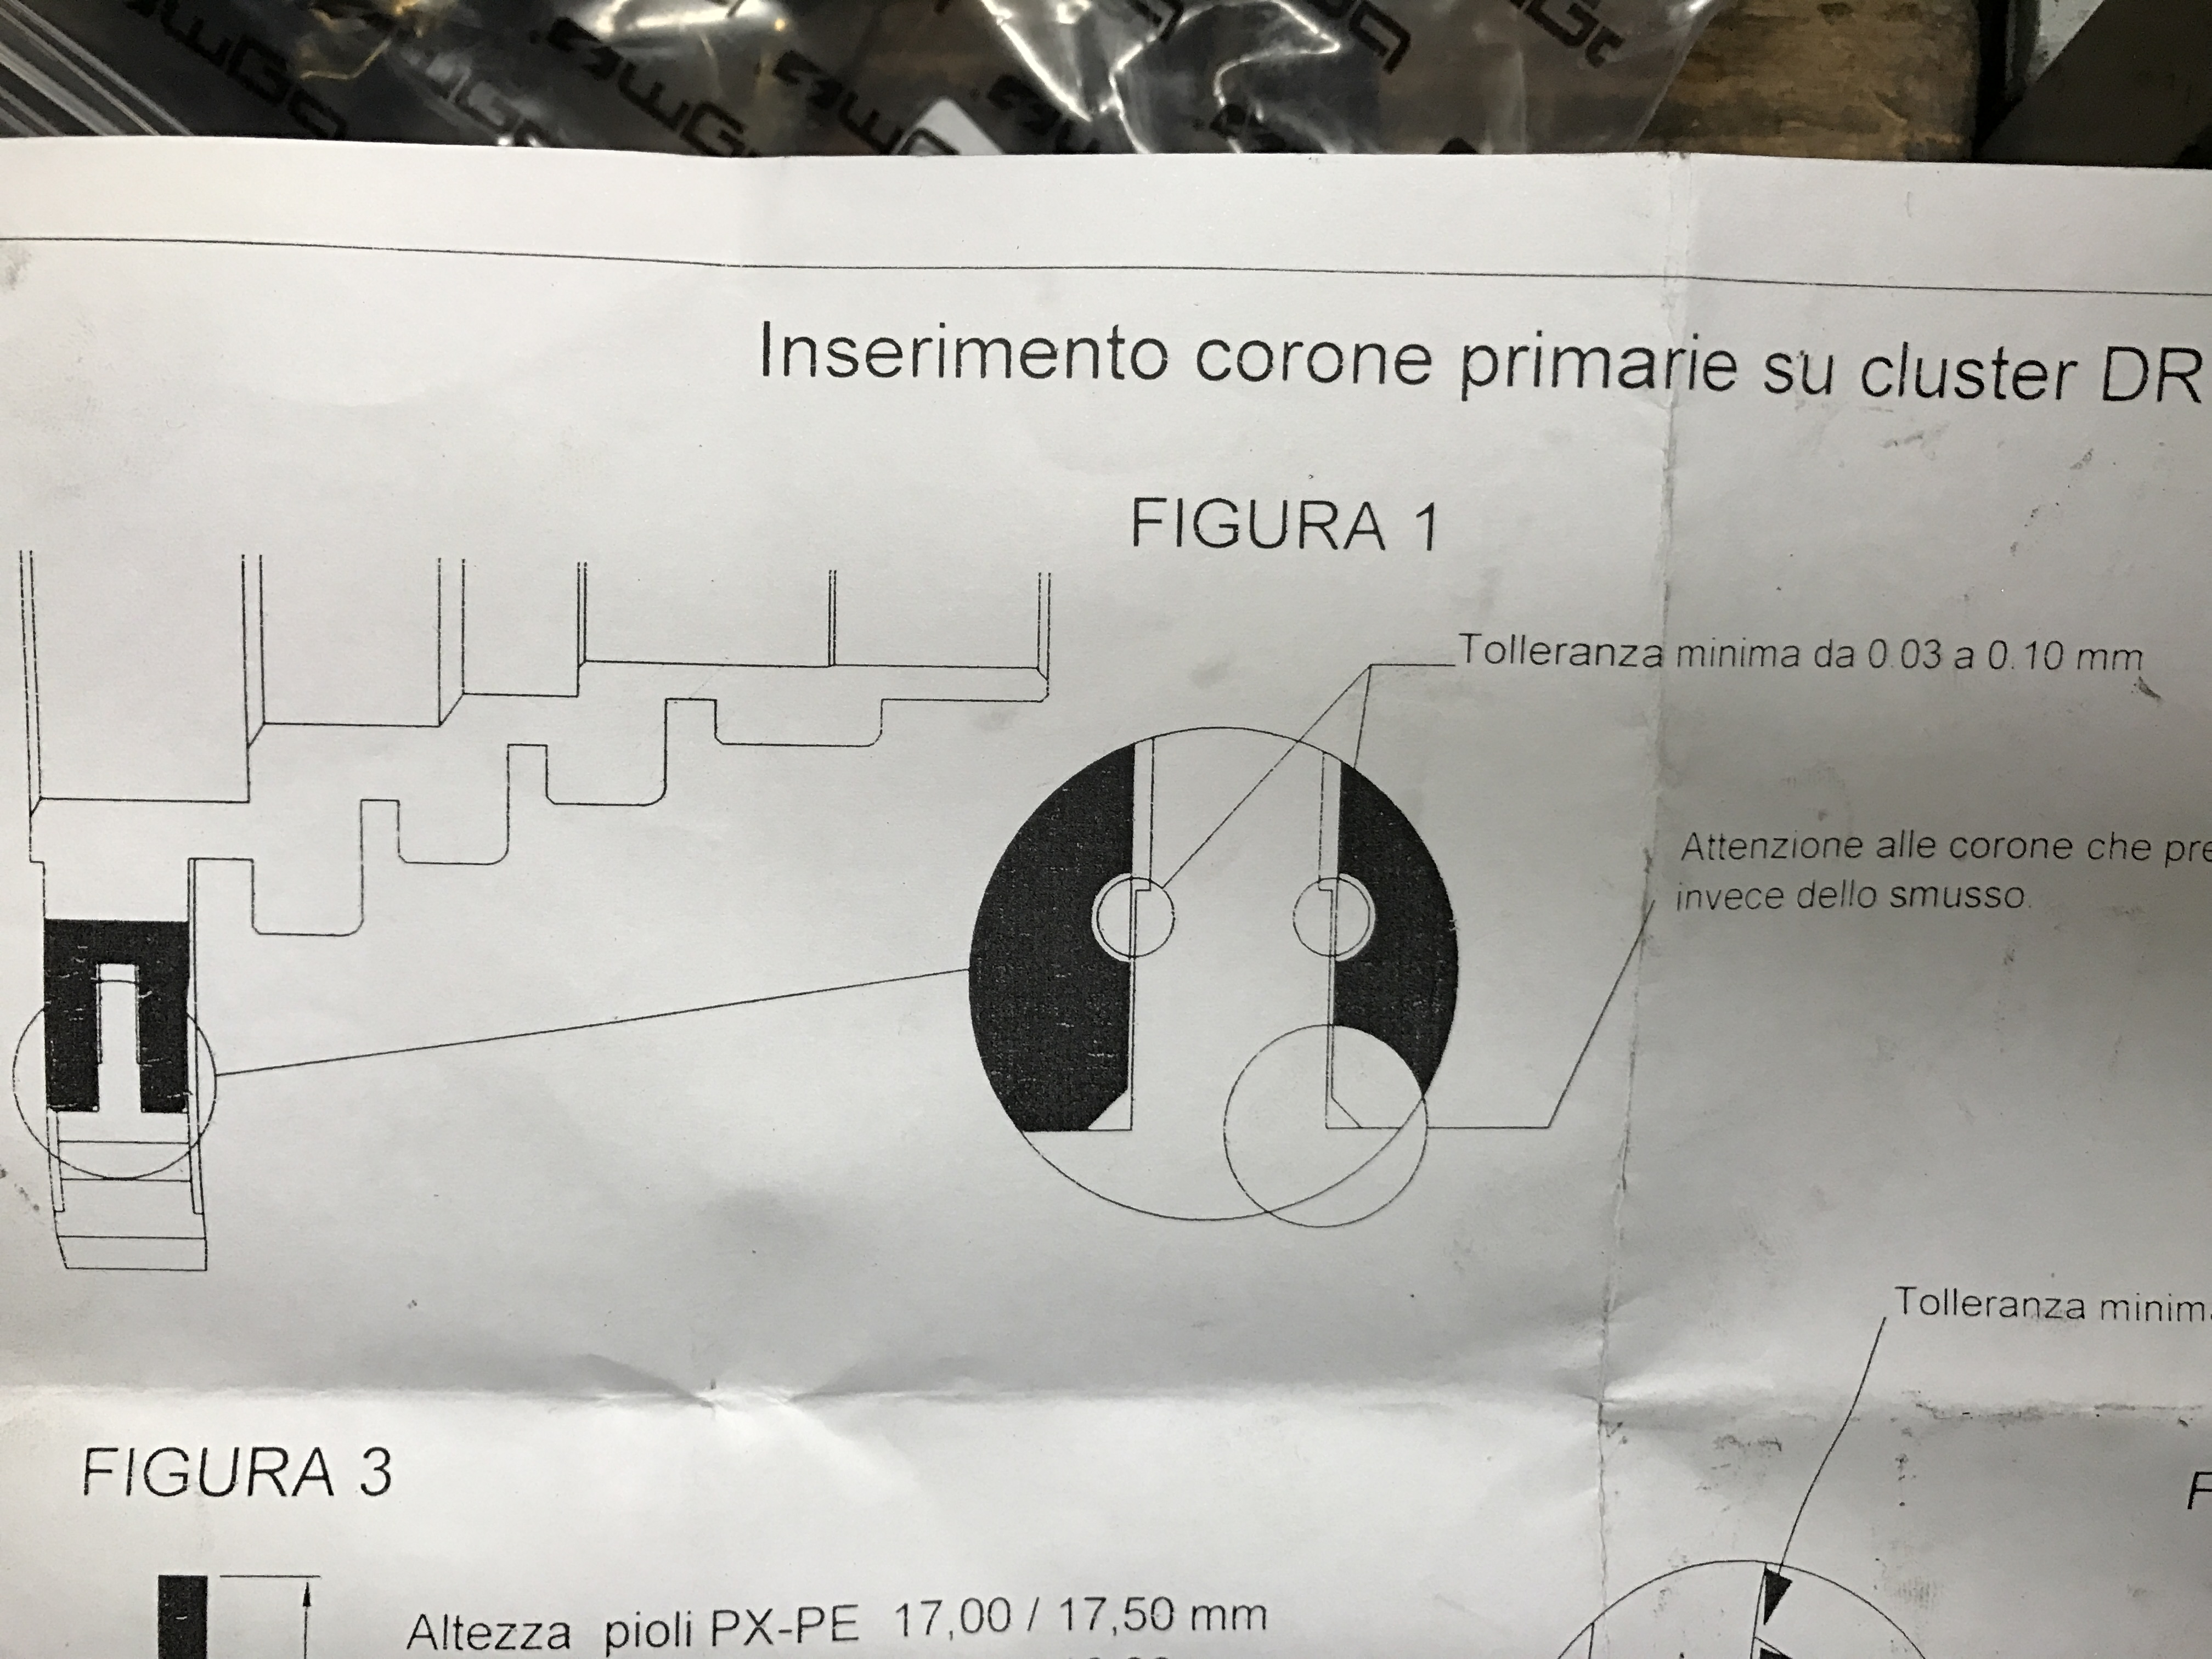 Drt Getriebe Fr Px Motoren Zusammenfassung Seite 8 Vespa Altezza Engine Diagram Wrdet Ihr Das Einen 35ps 30nm Motor So Verbauen